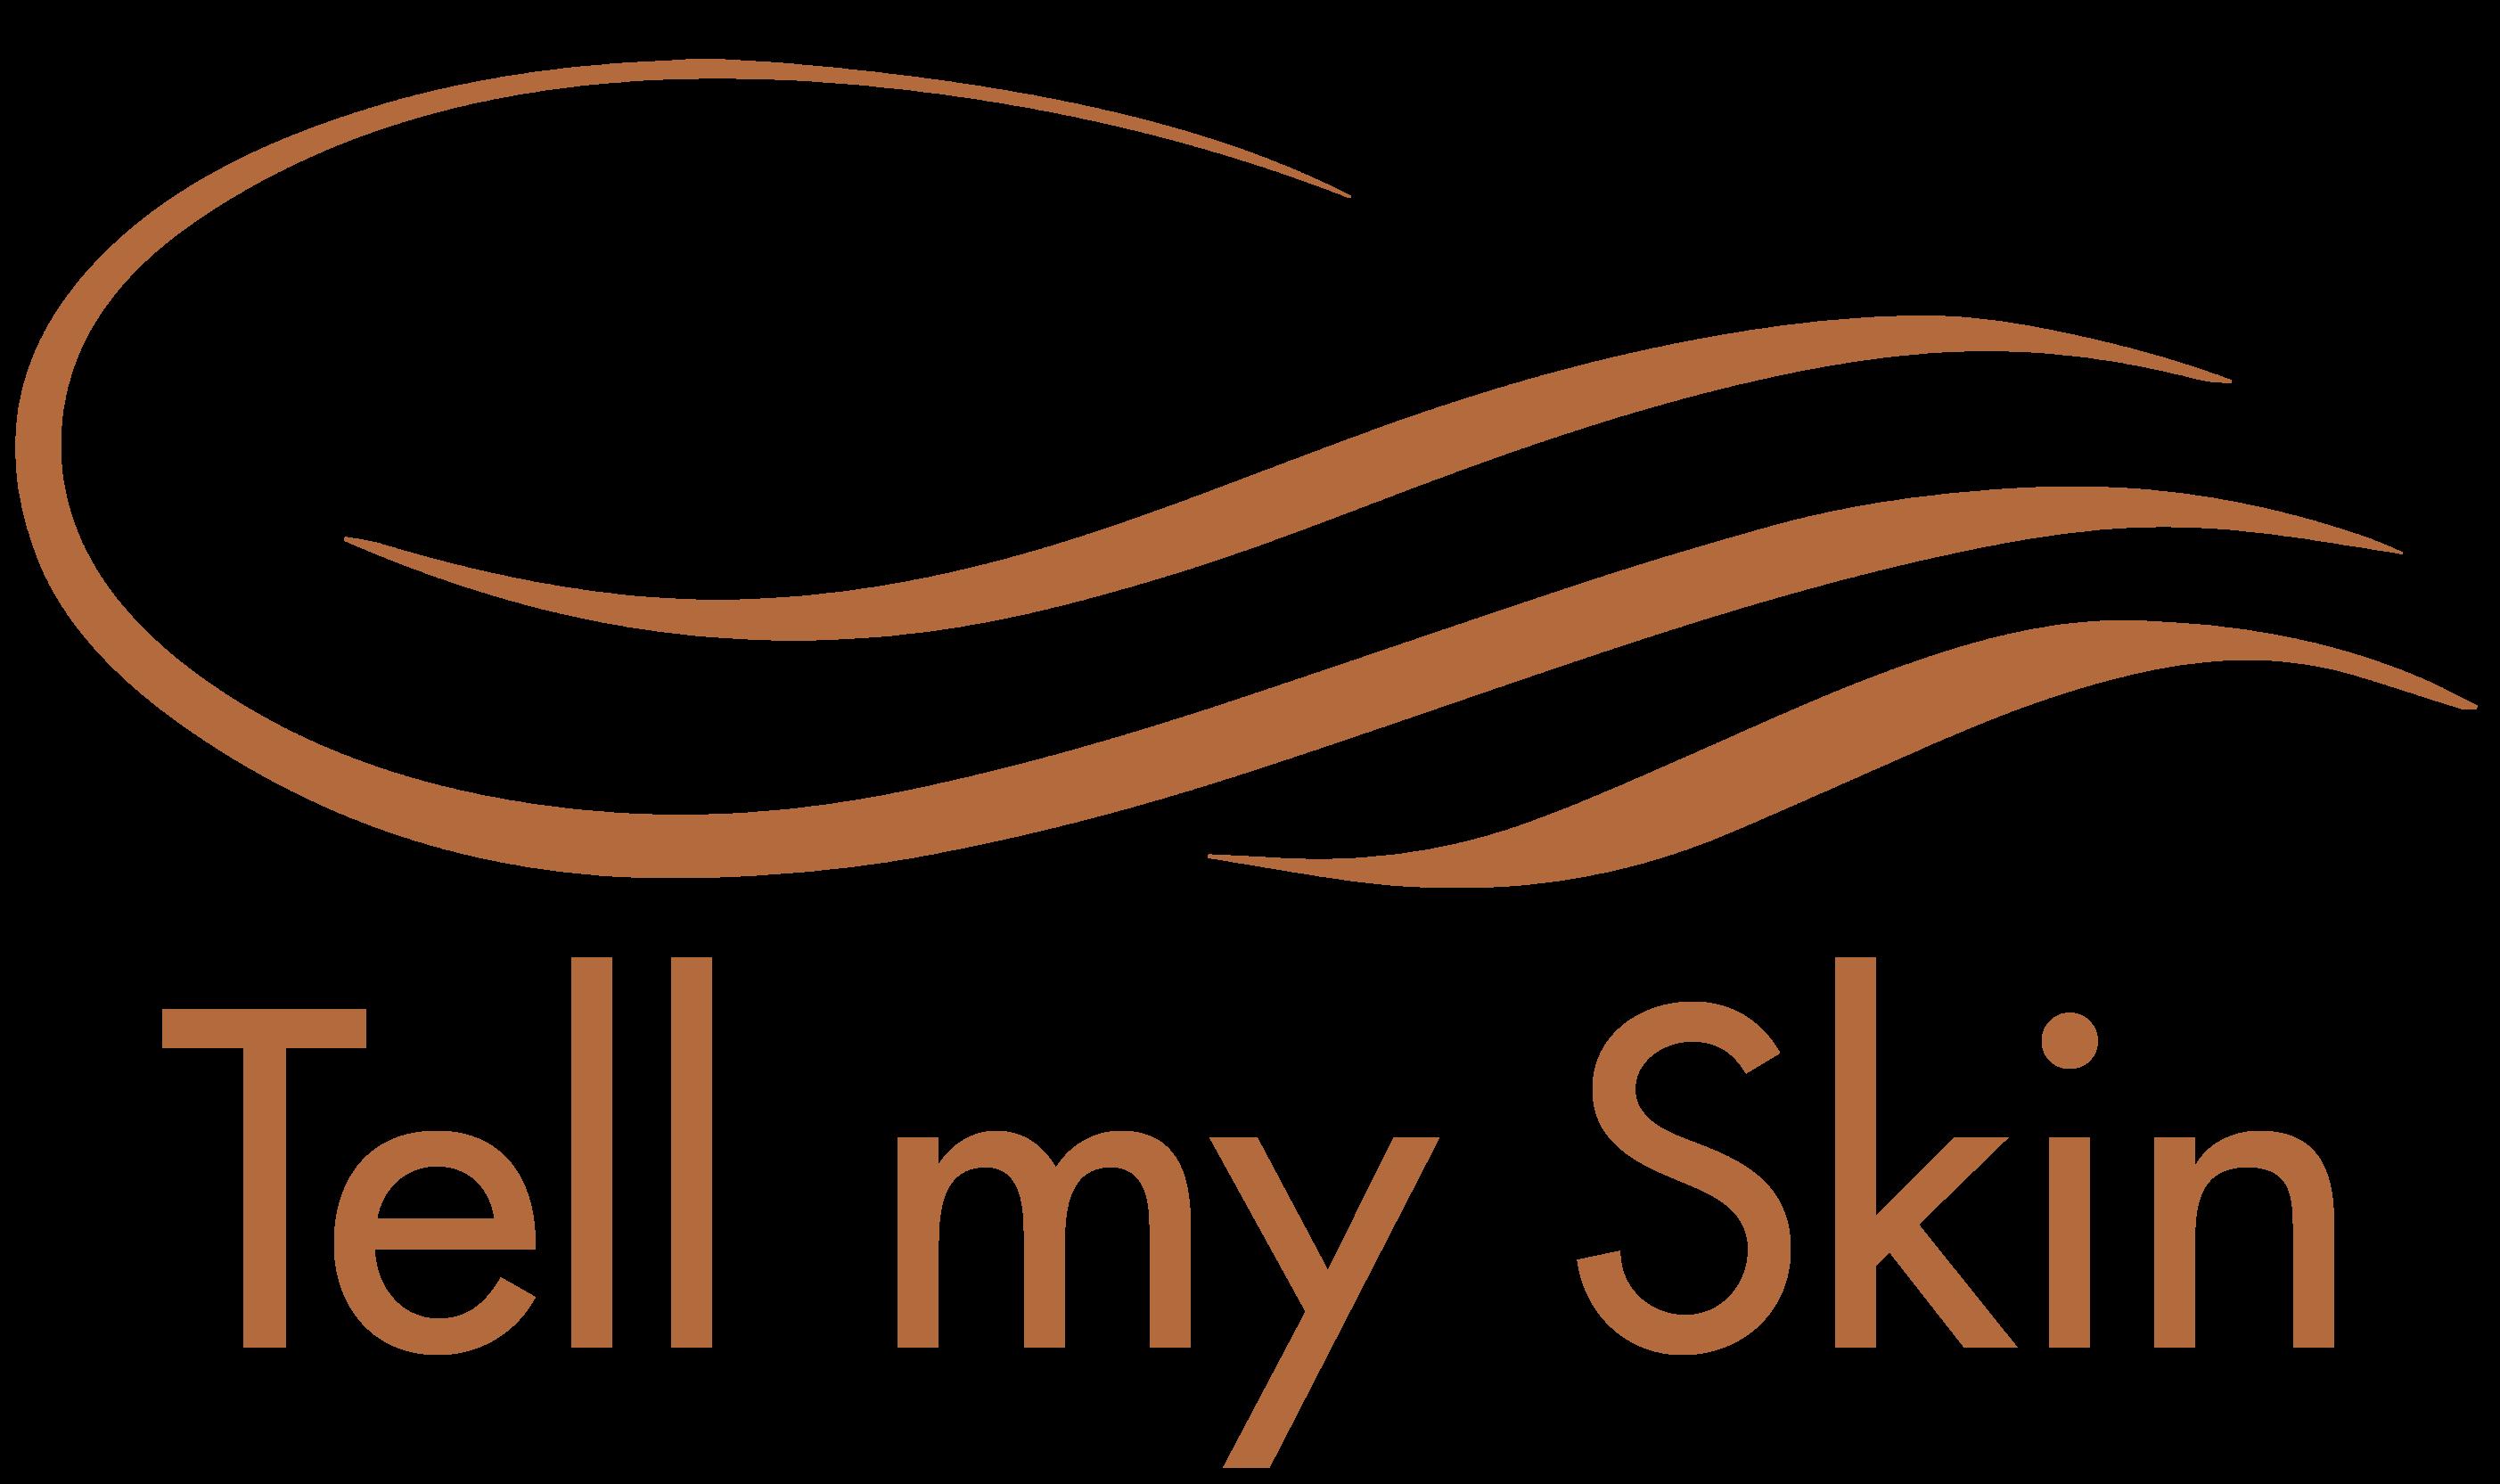 Tell my skin